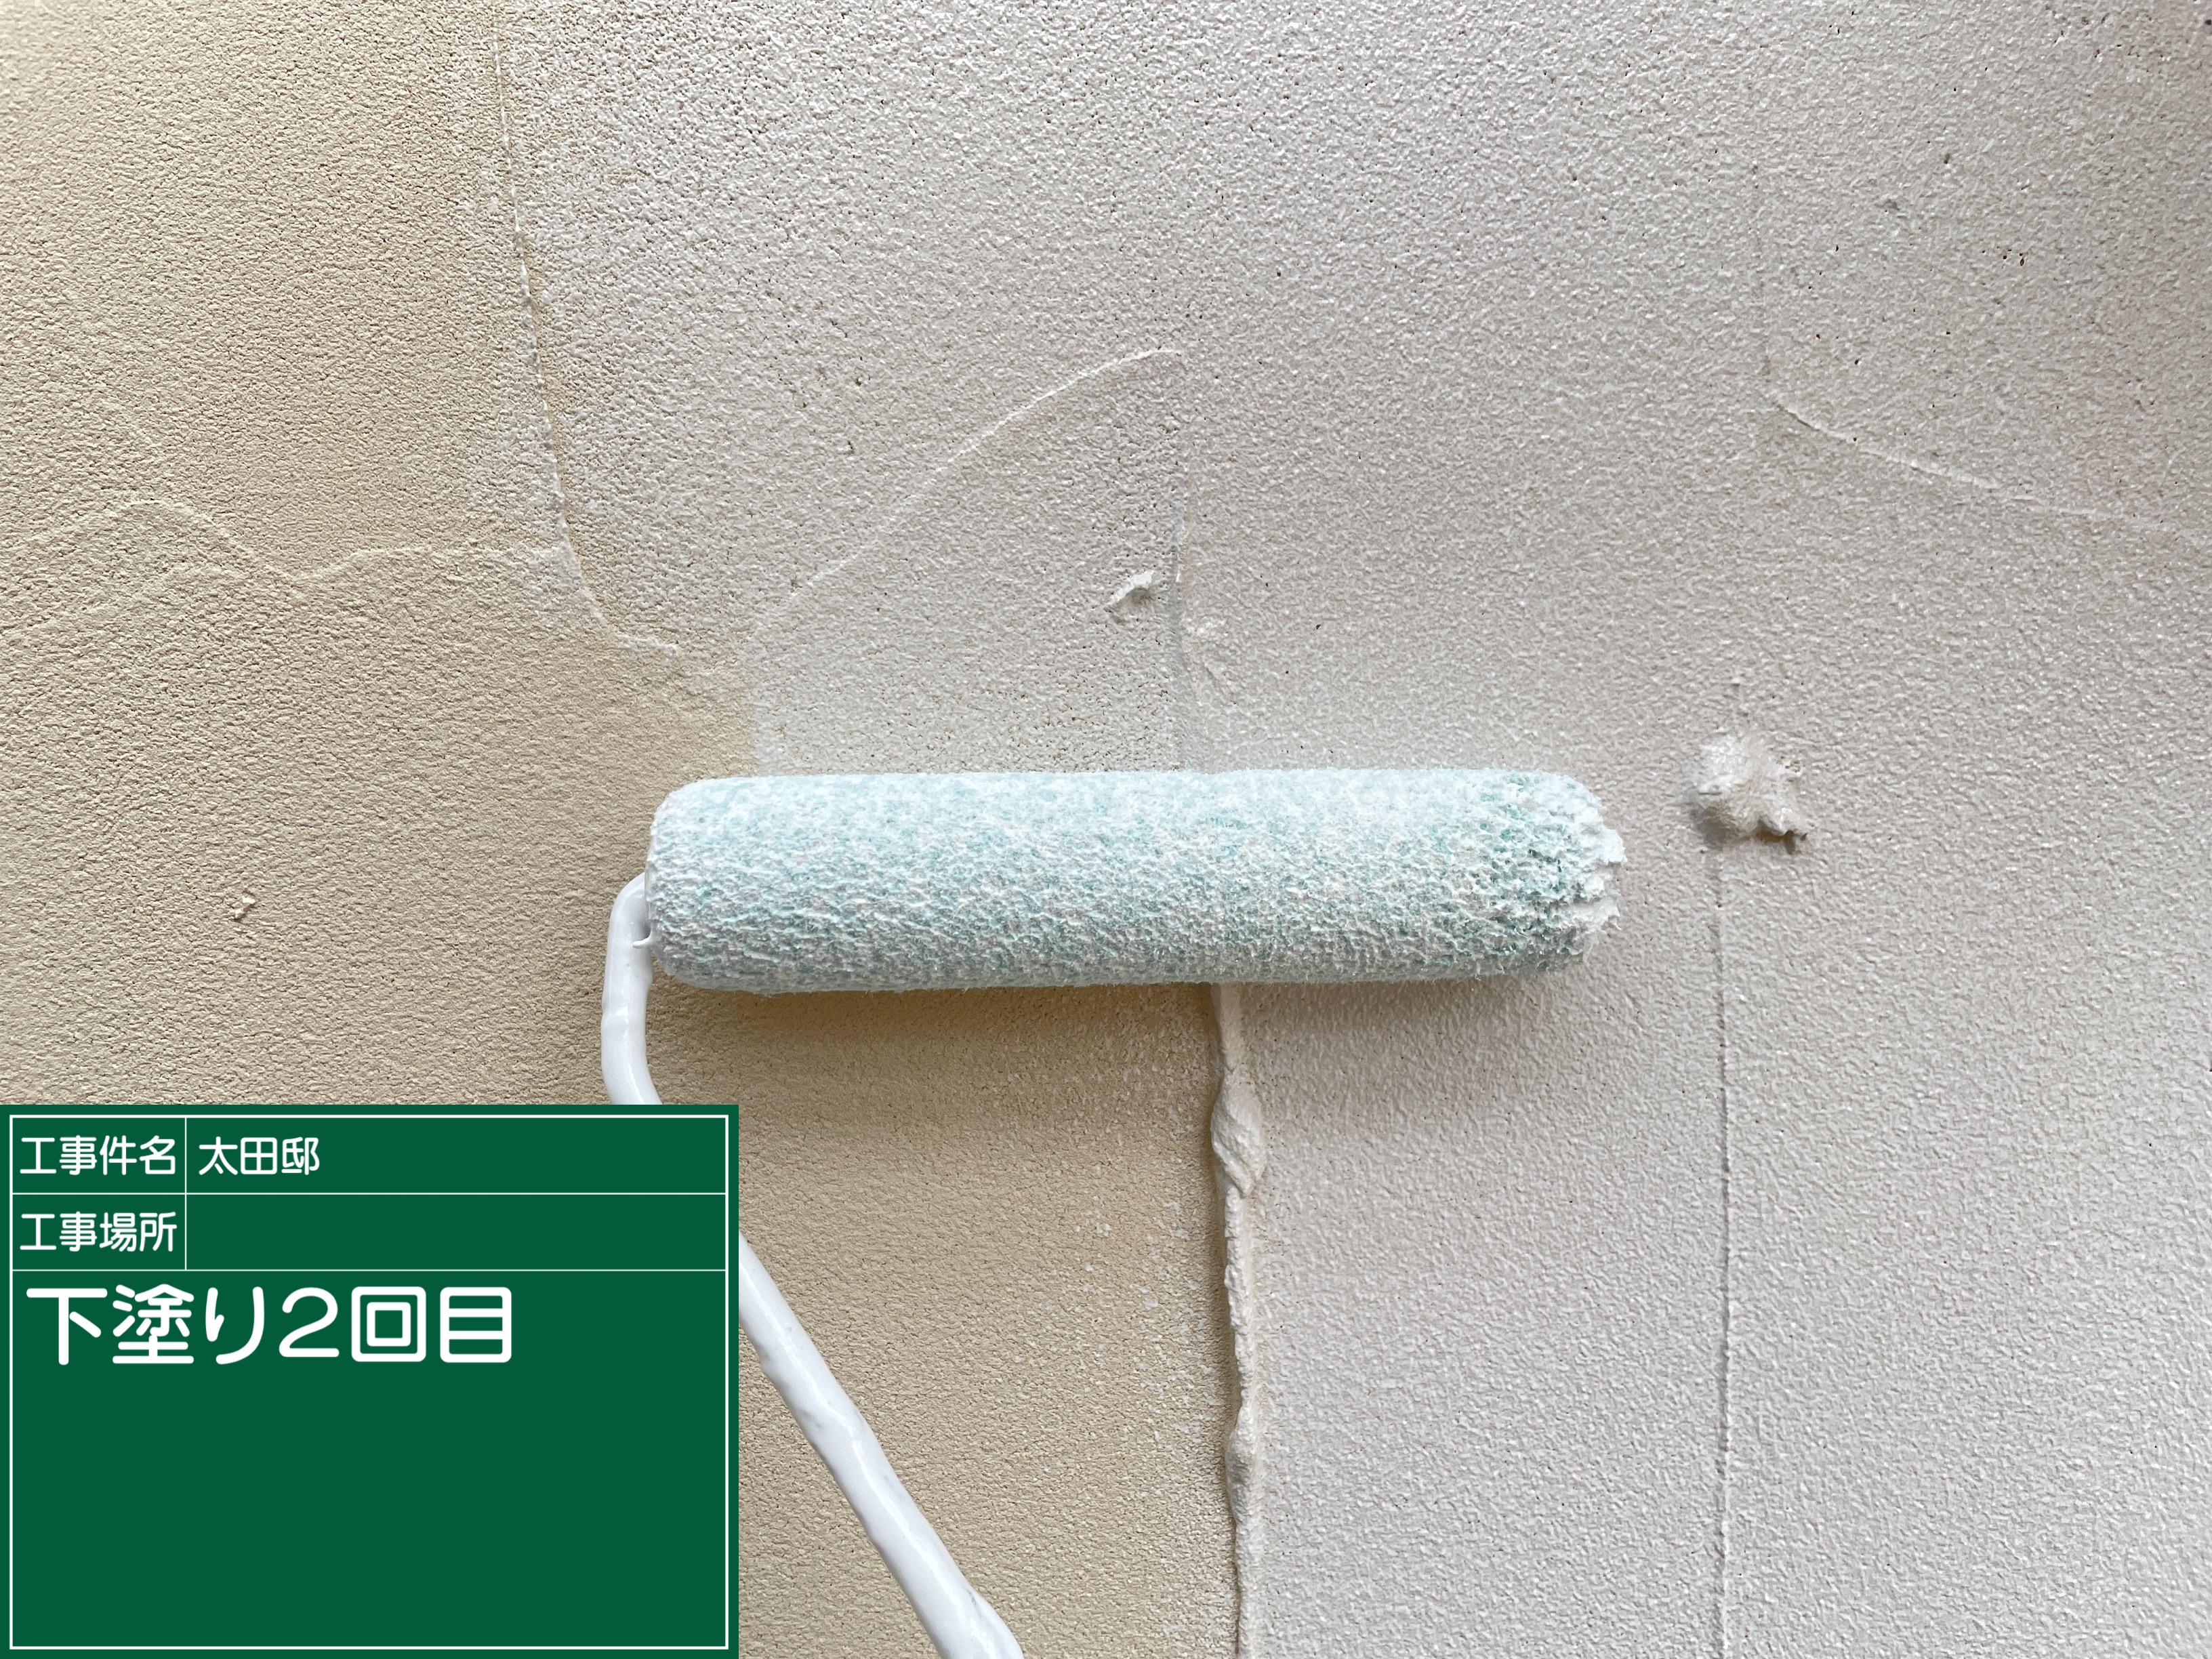 ジョリパットの塗り替えは下塗りが命!【外壁塗装 越谷 埼玉】